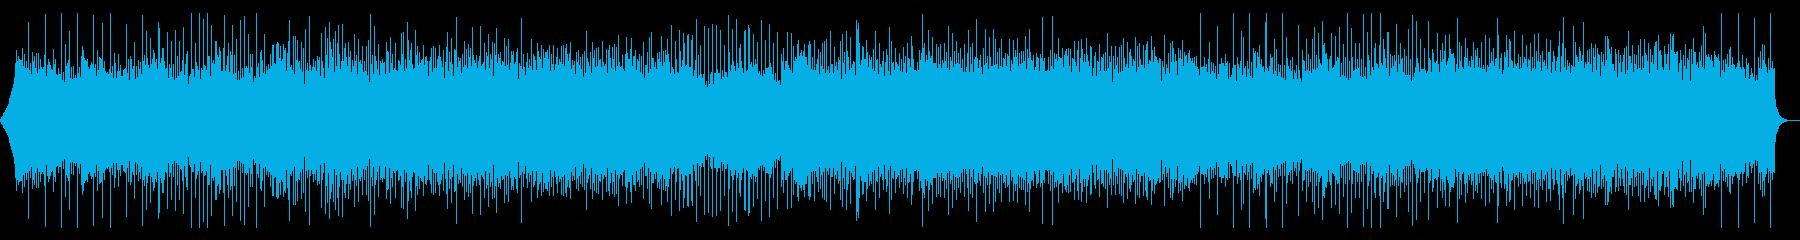 企業VP・清涼感あるギターアンサンブルの再生済みの波形